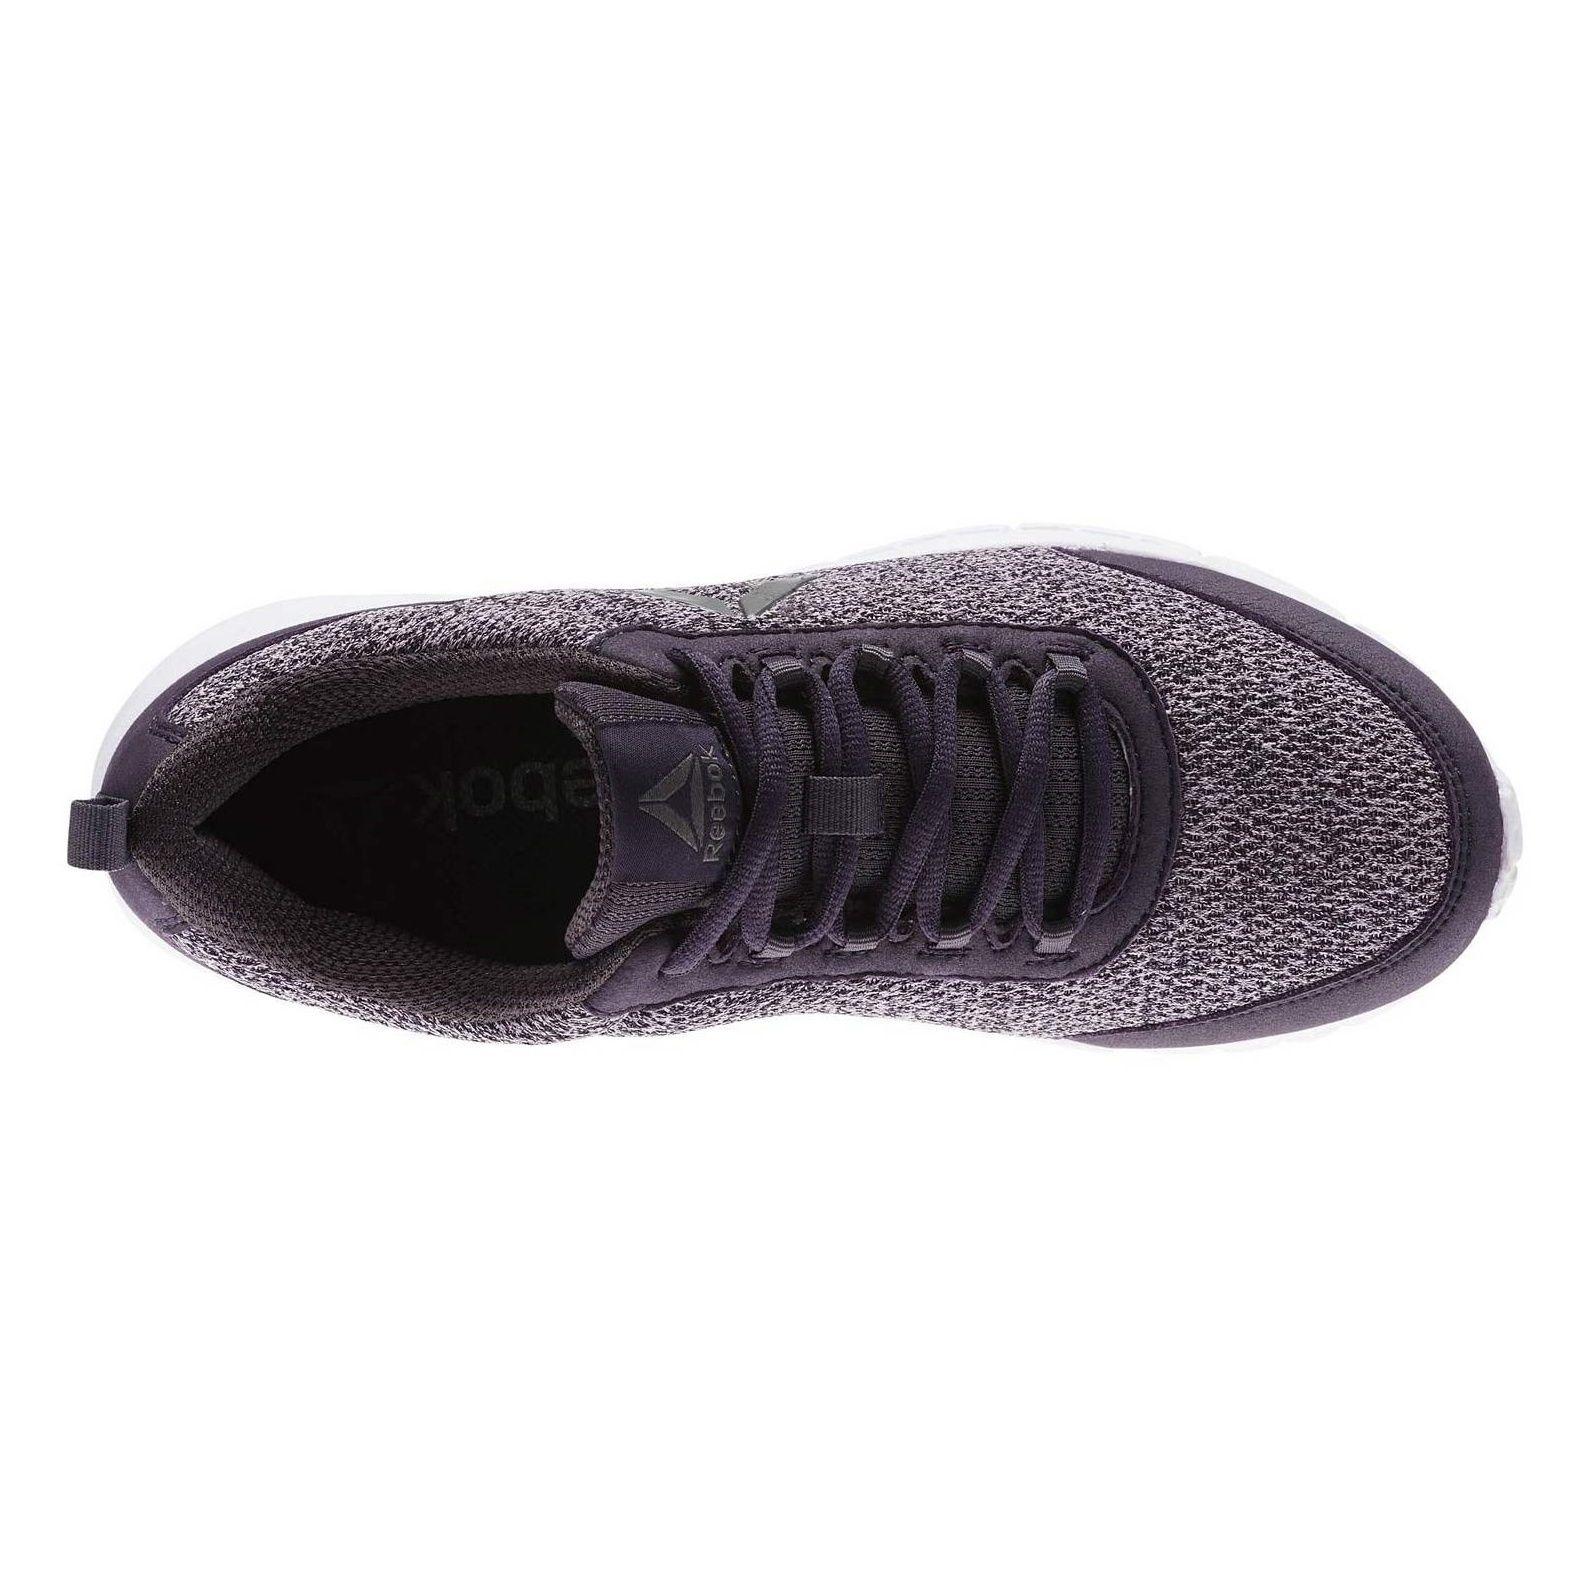 کفش مخصوص دویدن زنانه ریباک مدل Speedlux 3-0 - طوسي - 4